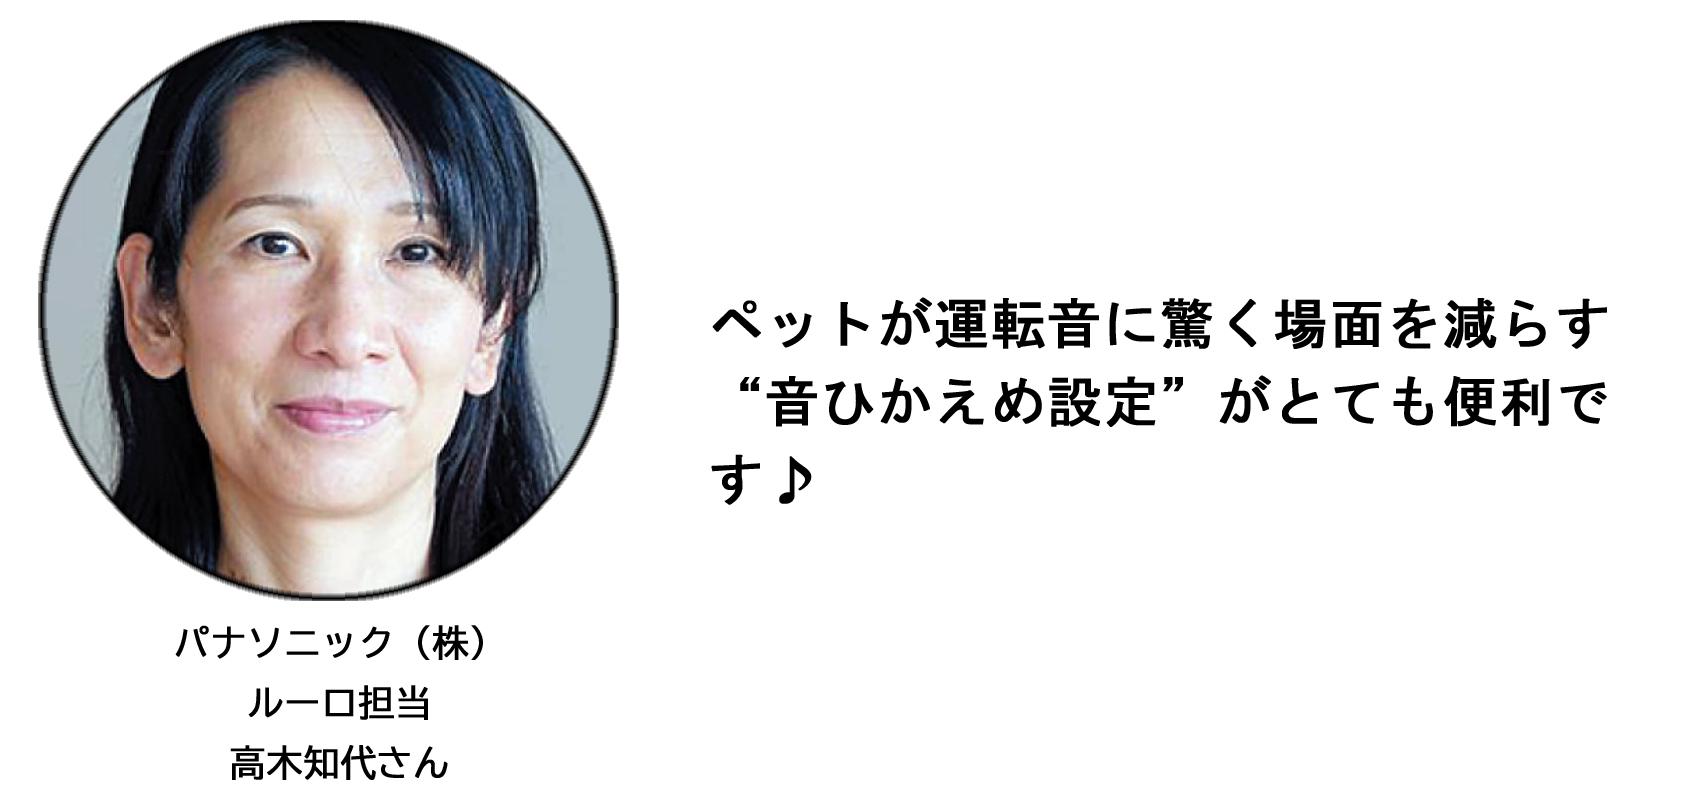 パナソニック(株) ルーロ担当 高木知代さん